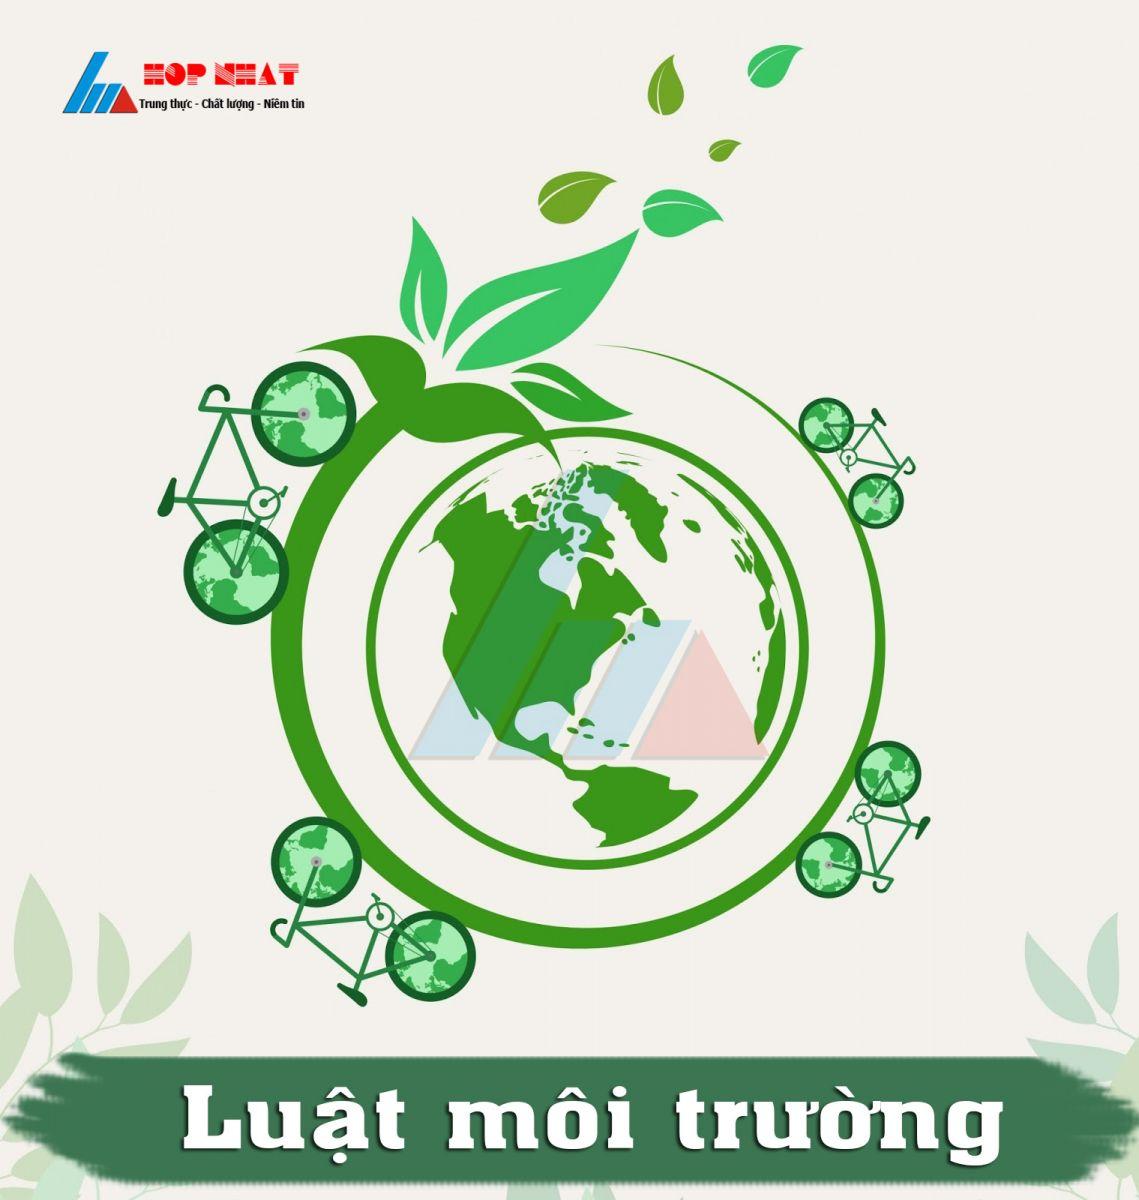 Tư vấn luật môi trường